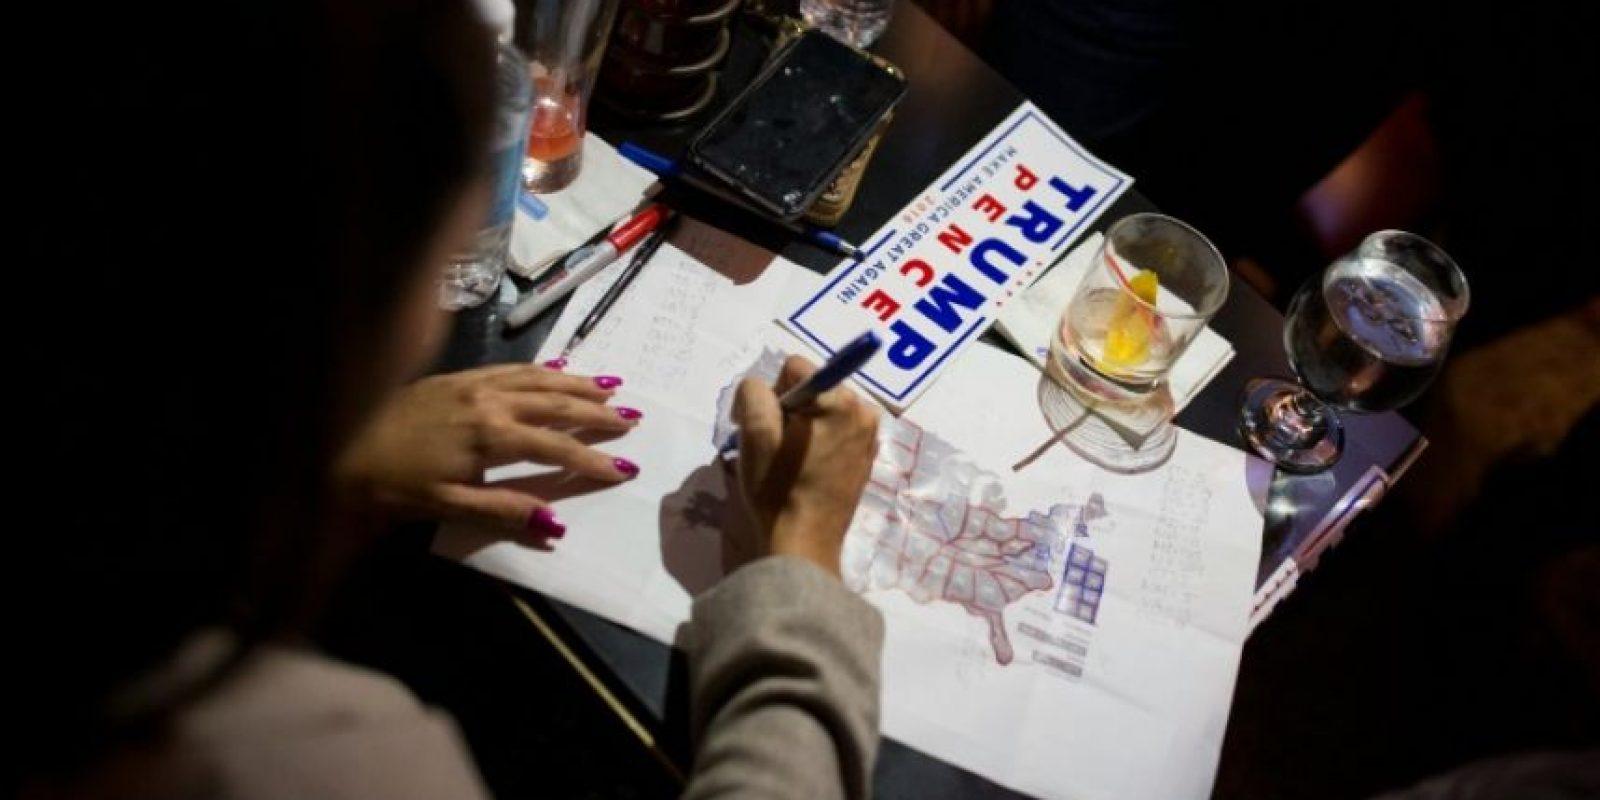 Una partidaria del presidente electo Donald Trump dibuja en un mapa de EEUU el 9 de noviembre de 2016 en el Trump Bar de Nueva York Foto:Dominick Reuter/afp.com